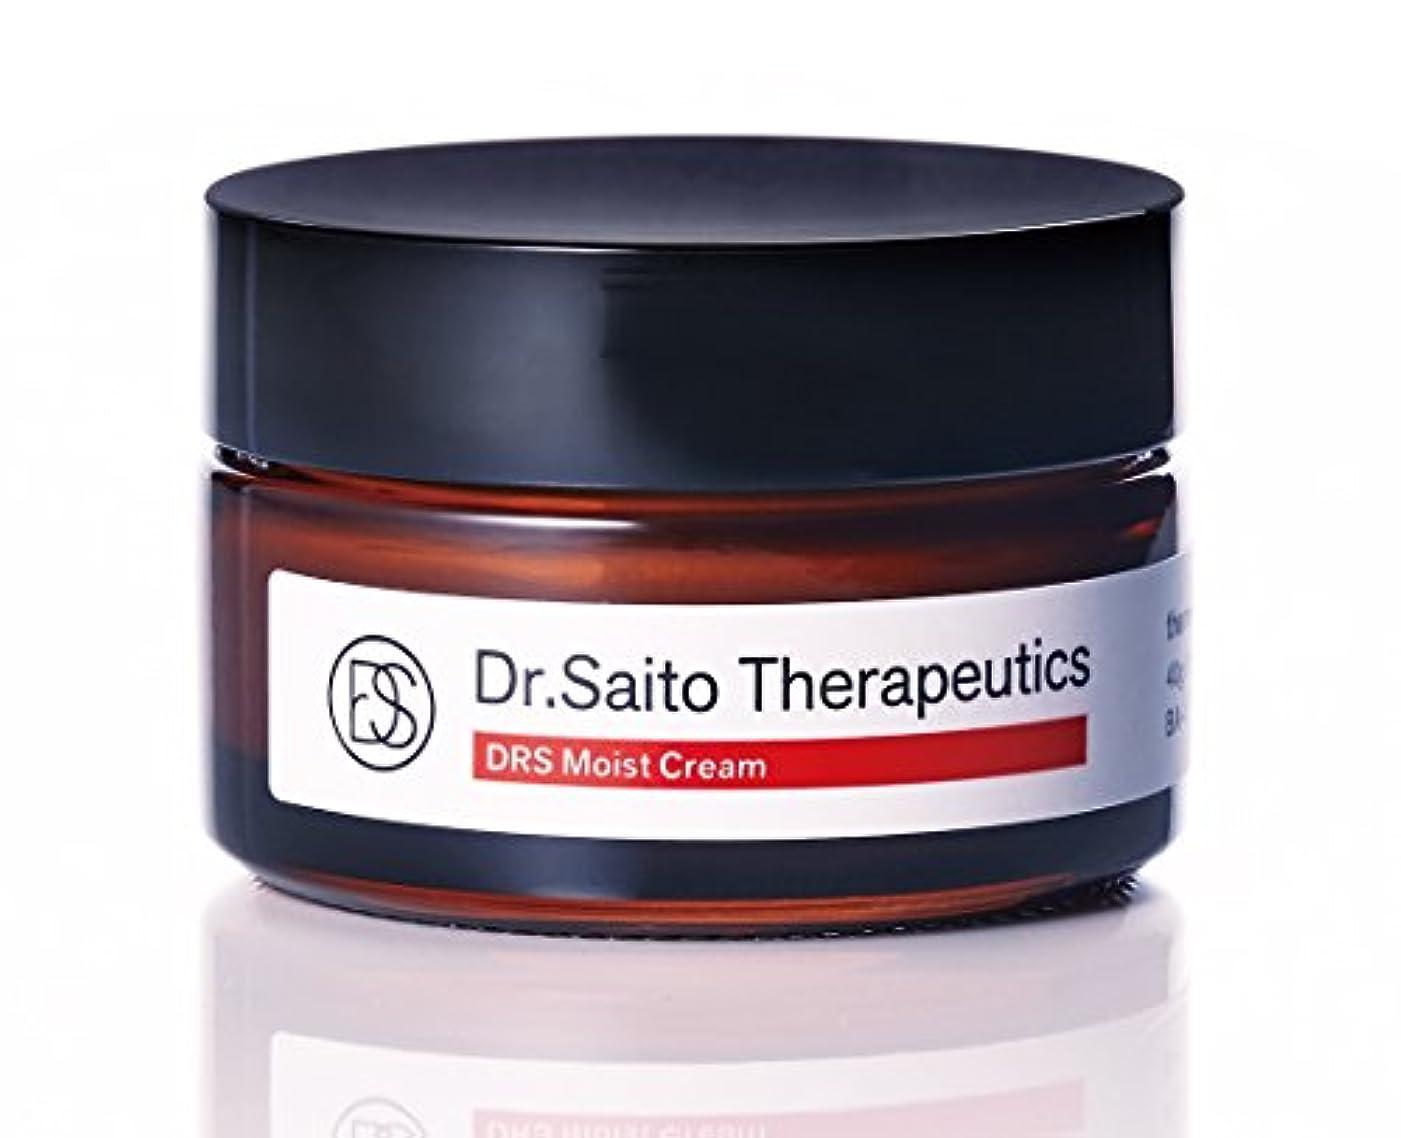 チューリップ政令ゲーム日本機能性医学研究所 Dr.Saito Therapeutics「DRS保湿クリーム」40g